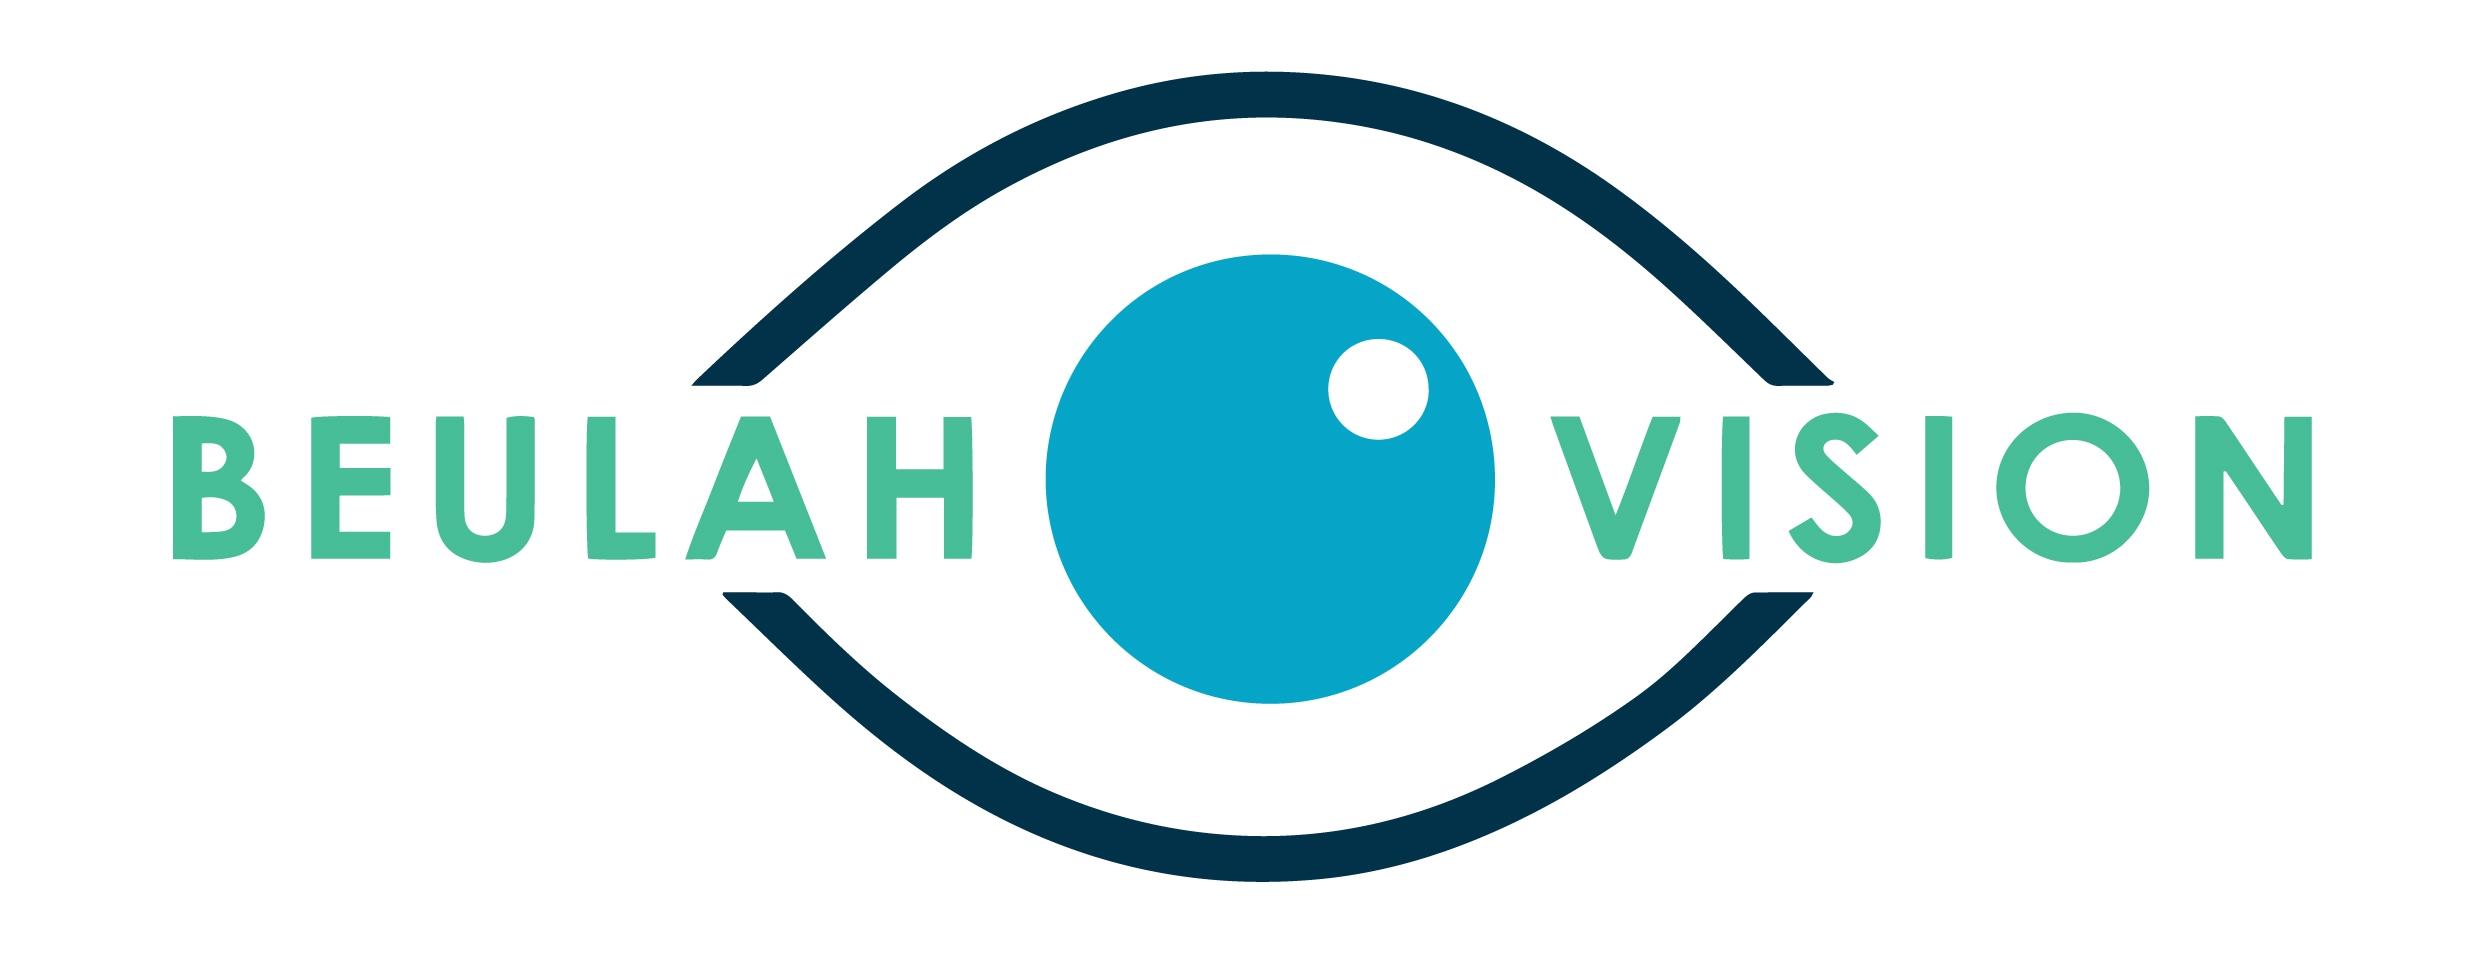 Beulah Vision